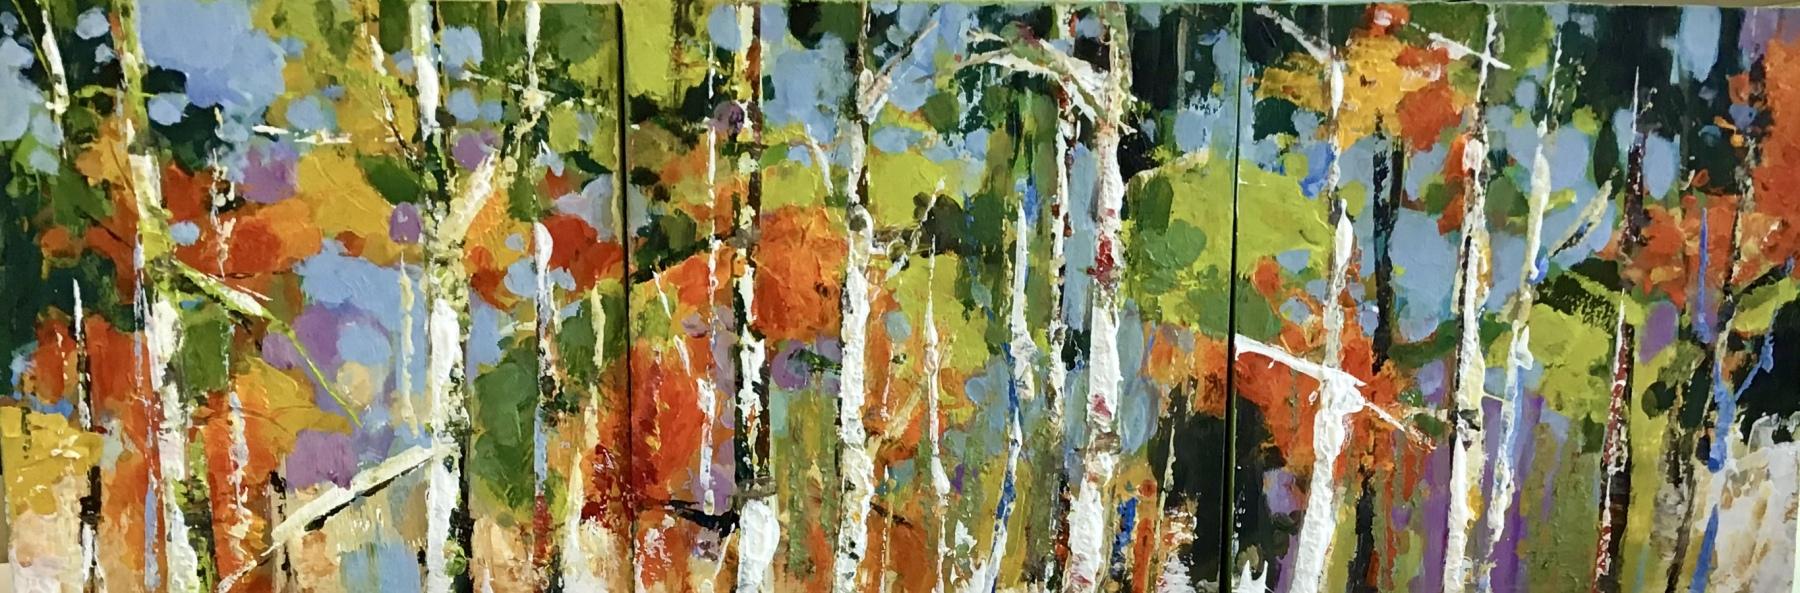 SOLD - BIRCH TREE TRAILS (1)